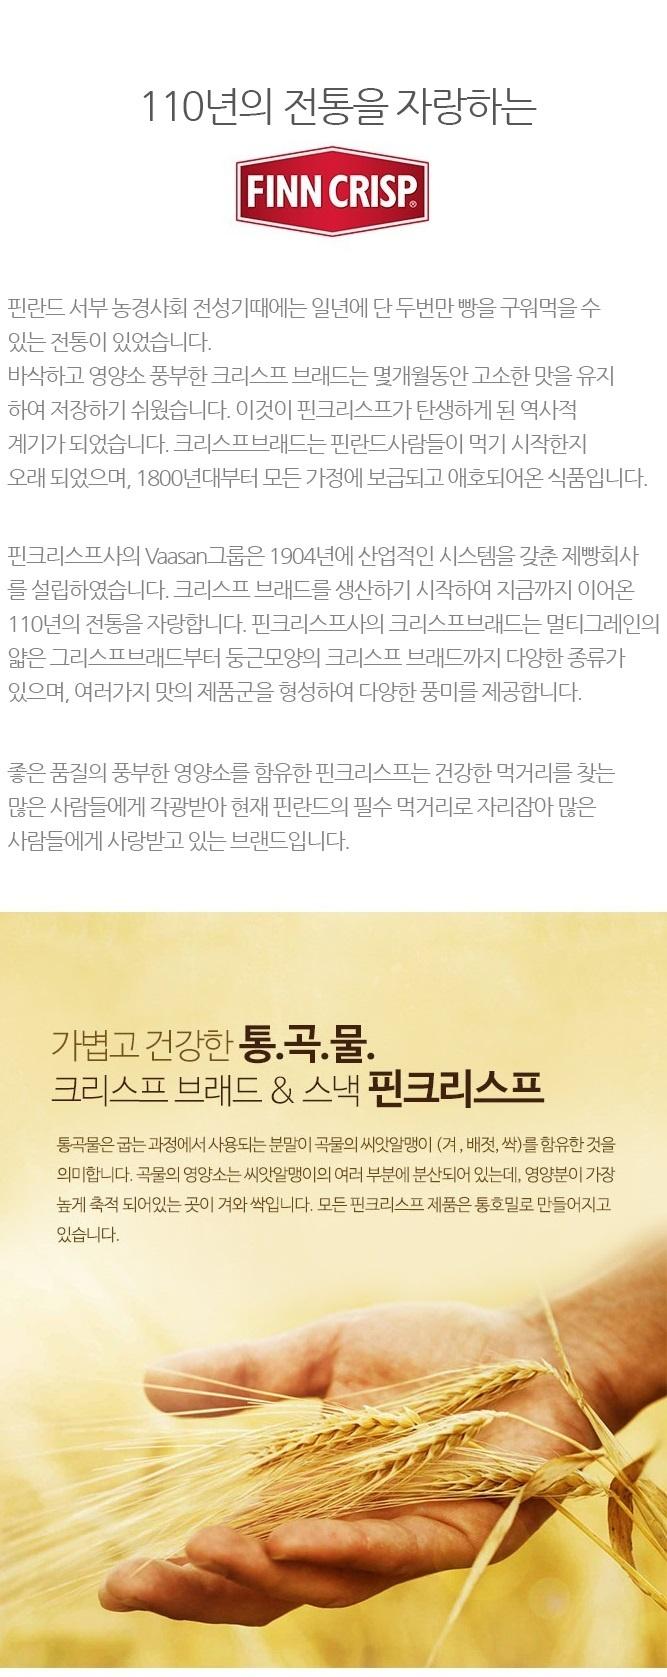 핀크리스프 씬브래드 코리앤더 체험단 모집 (11.02~11.14)